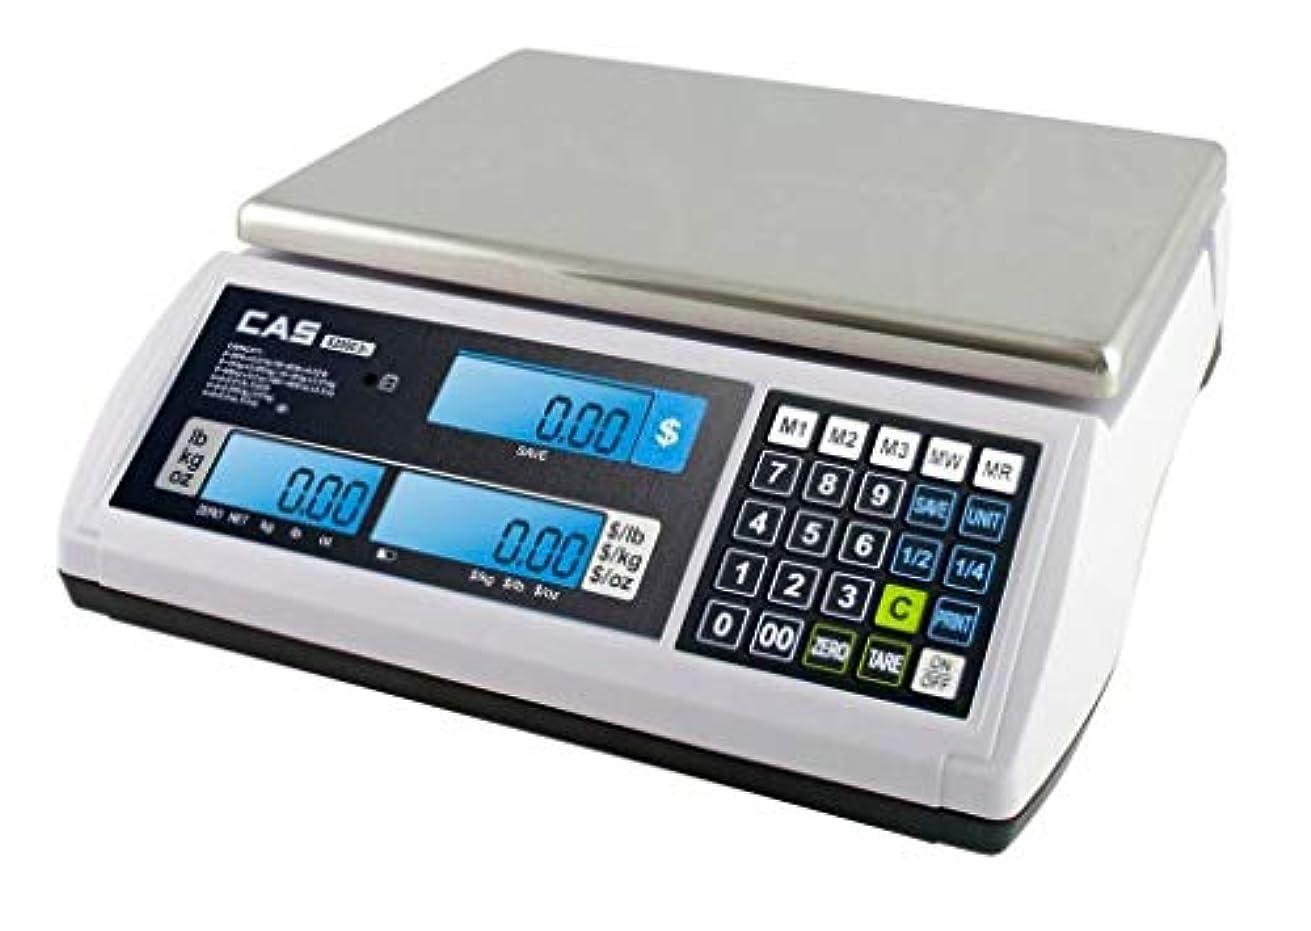 騒々しいマント枠CAS S-2000 Jr Price Computing Scale with LCD Display 60 lbs by CAS